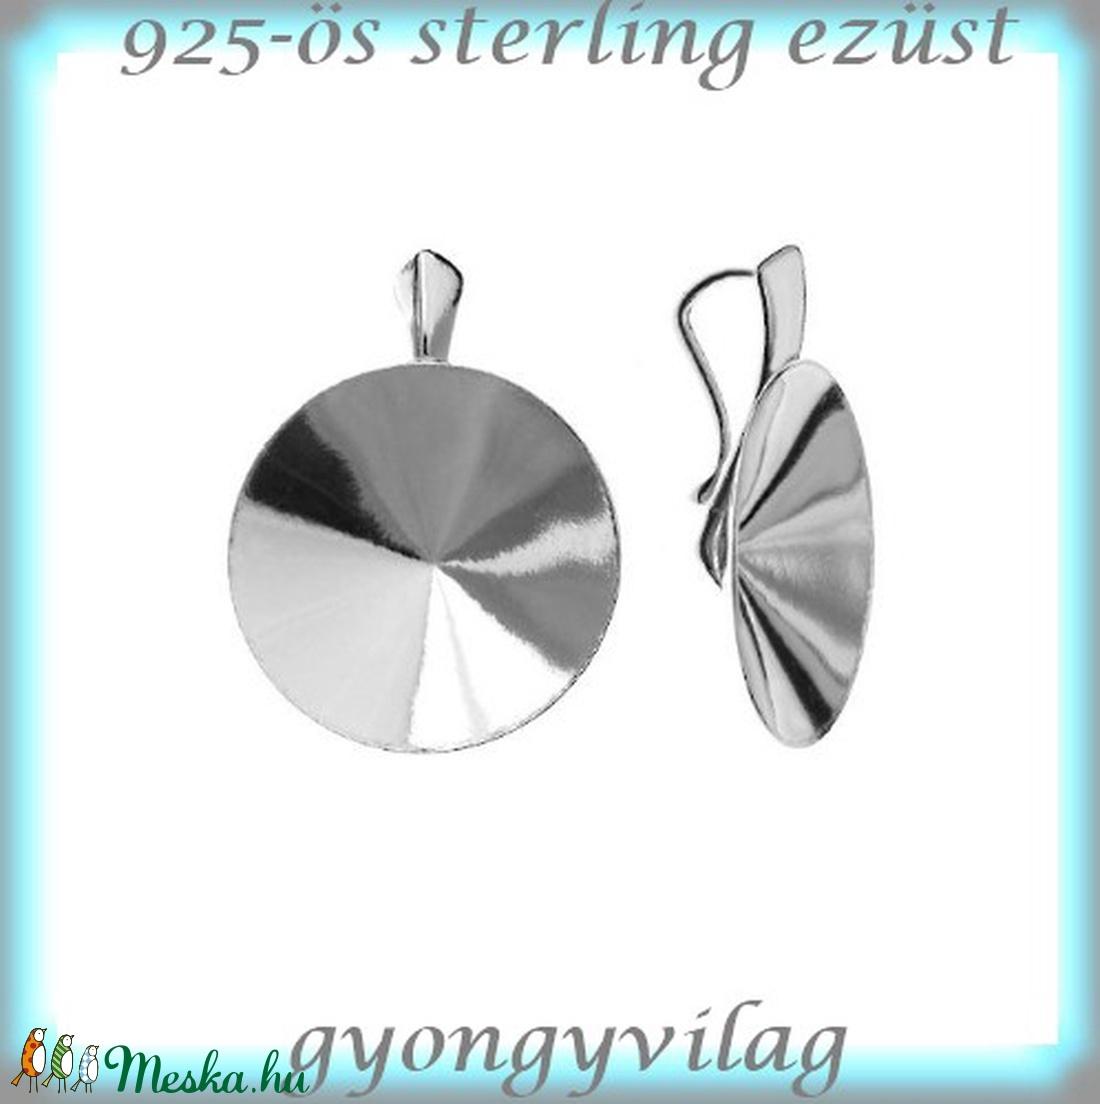 925-ös ezüst medálkapocs EMK 55-18 - gyöngy, ékszerkellék - egyéb alkatrész - Meska.hu